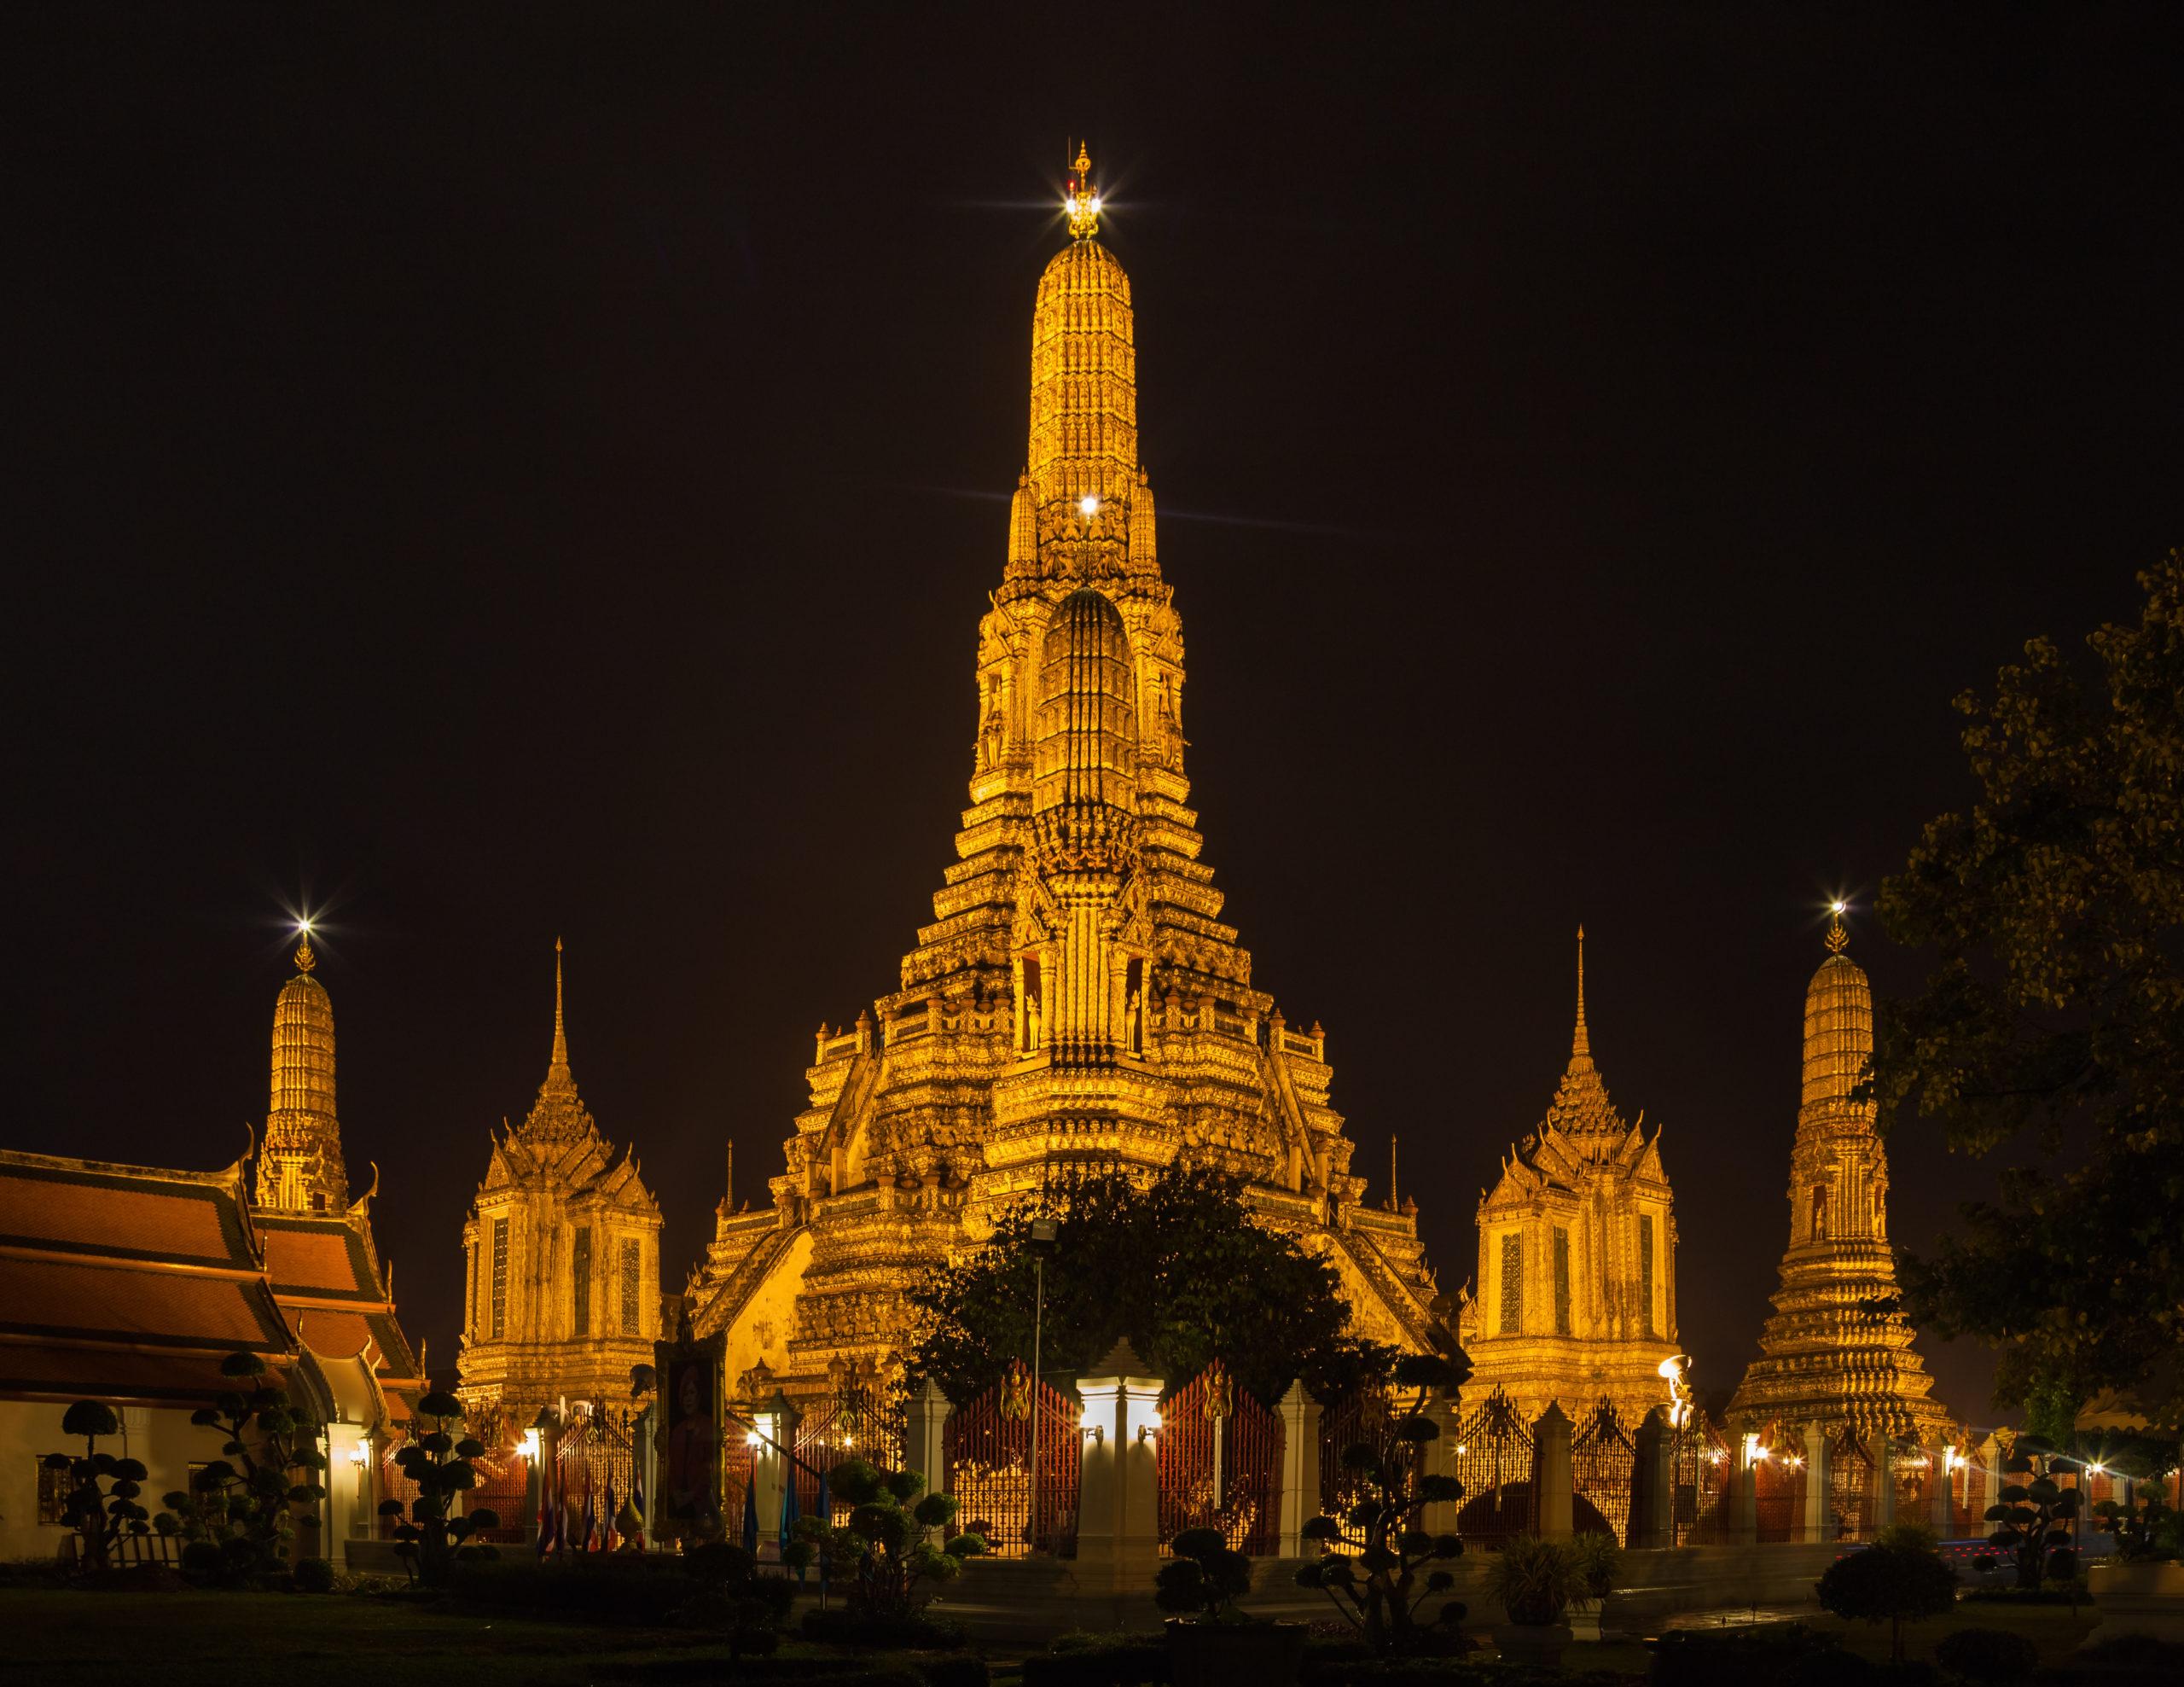 El templo de Wat Arun